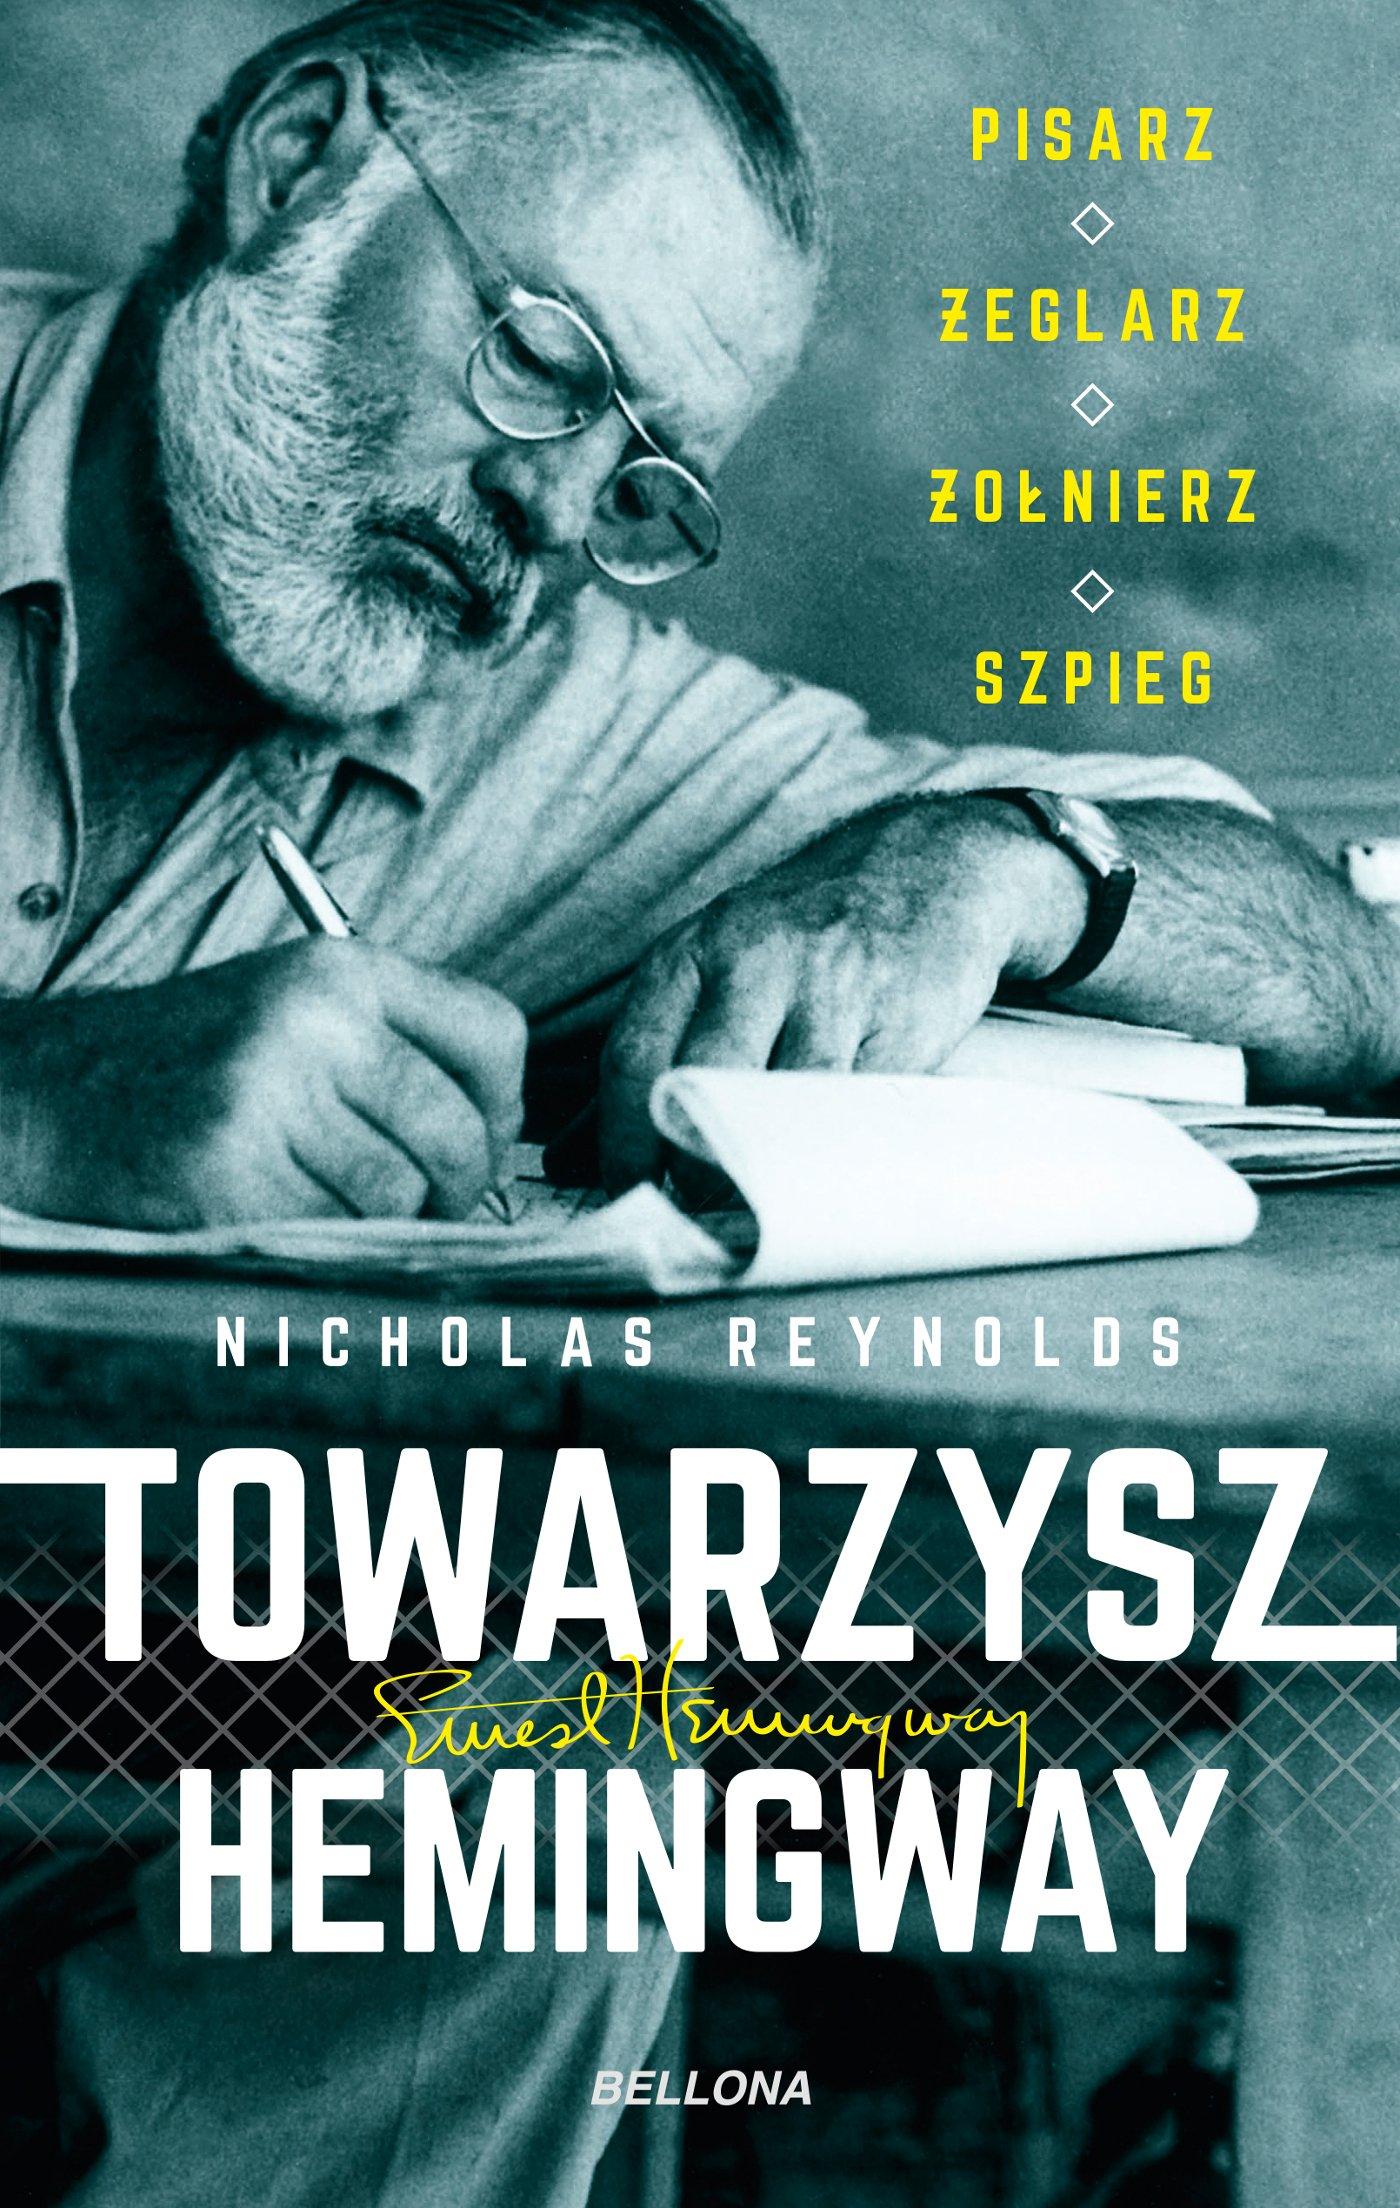 Towarzysz Hemingway. Pisarz, żeglarz, żołnierz, szpieg - Ebook (Książka EPUB) do pobrania w formacie EPUB